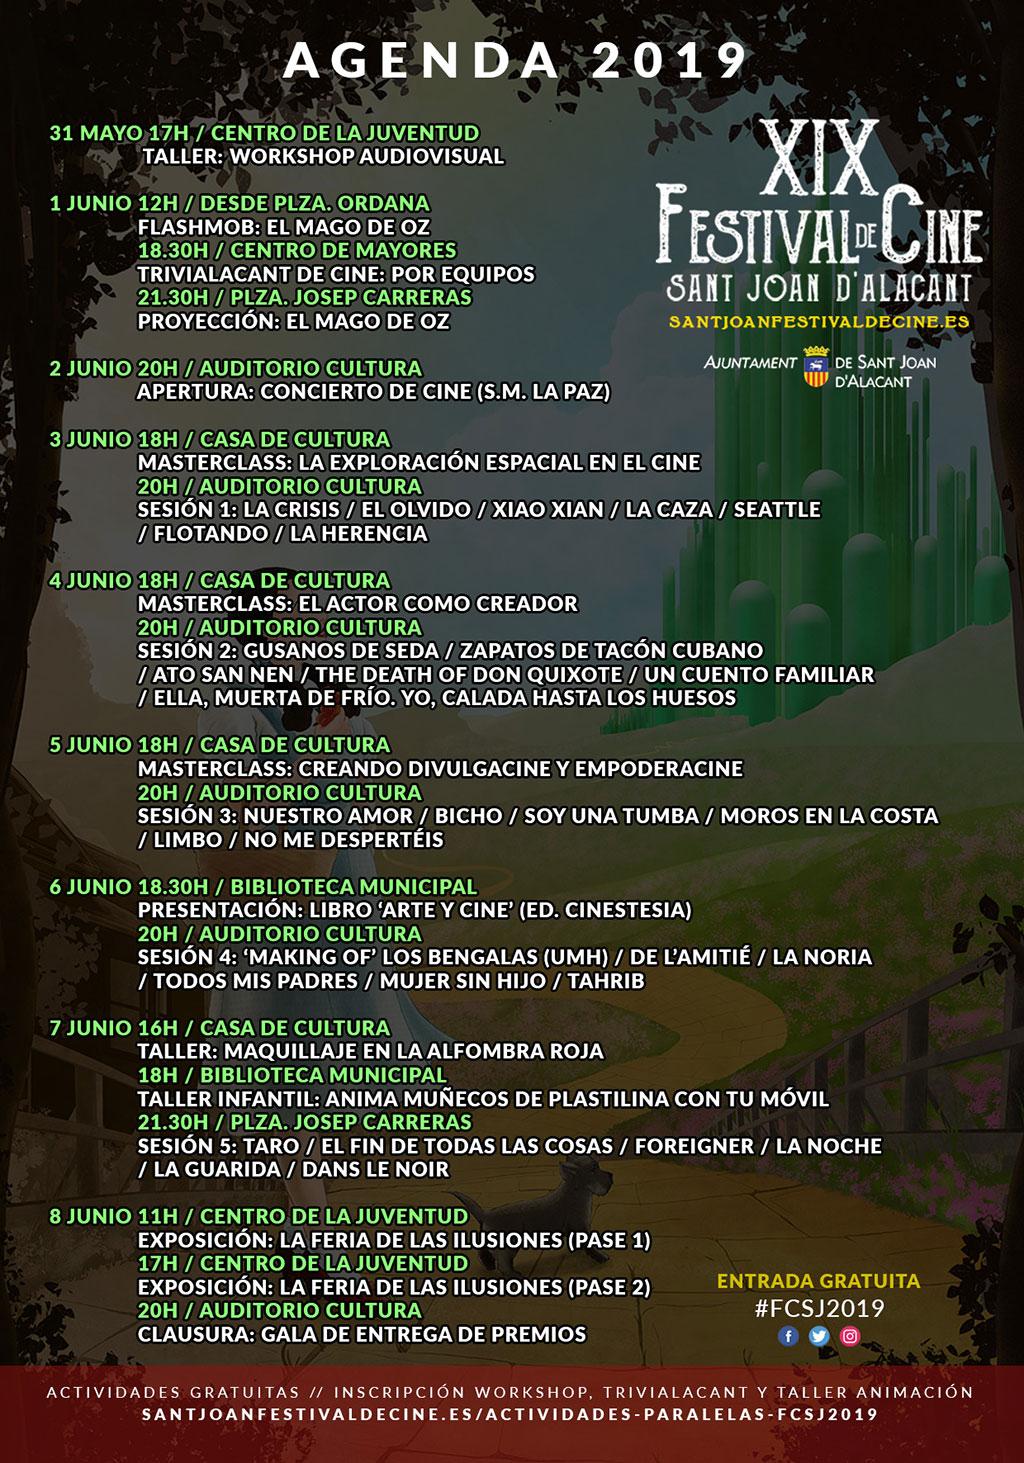 Festival de cine de Sant Joan de Alacant 2019: programa